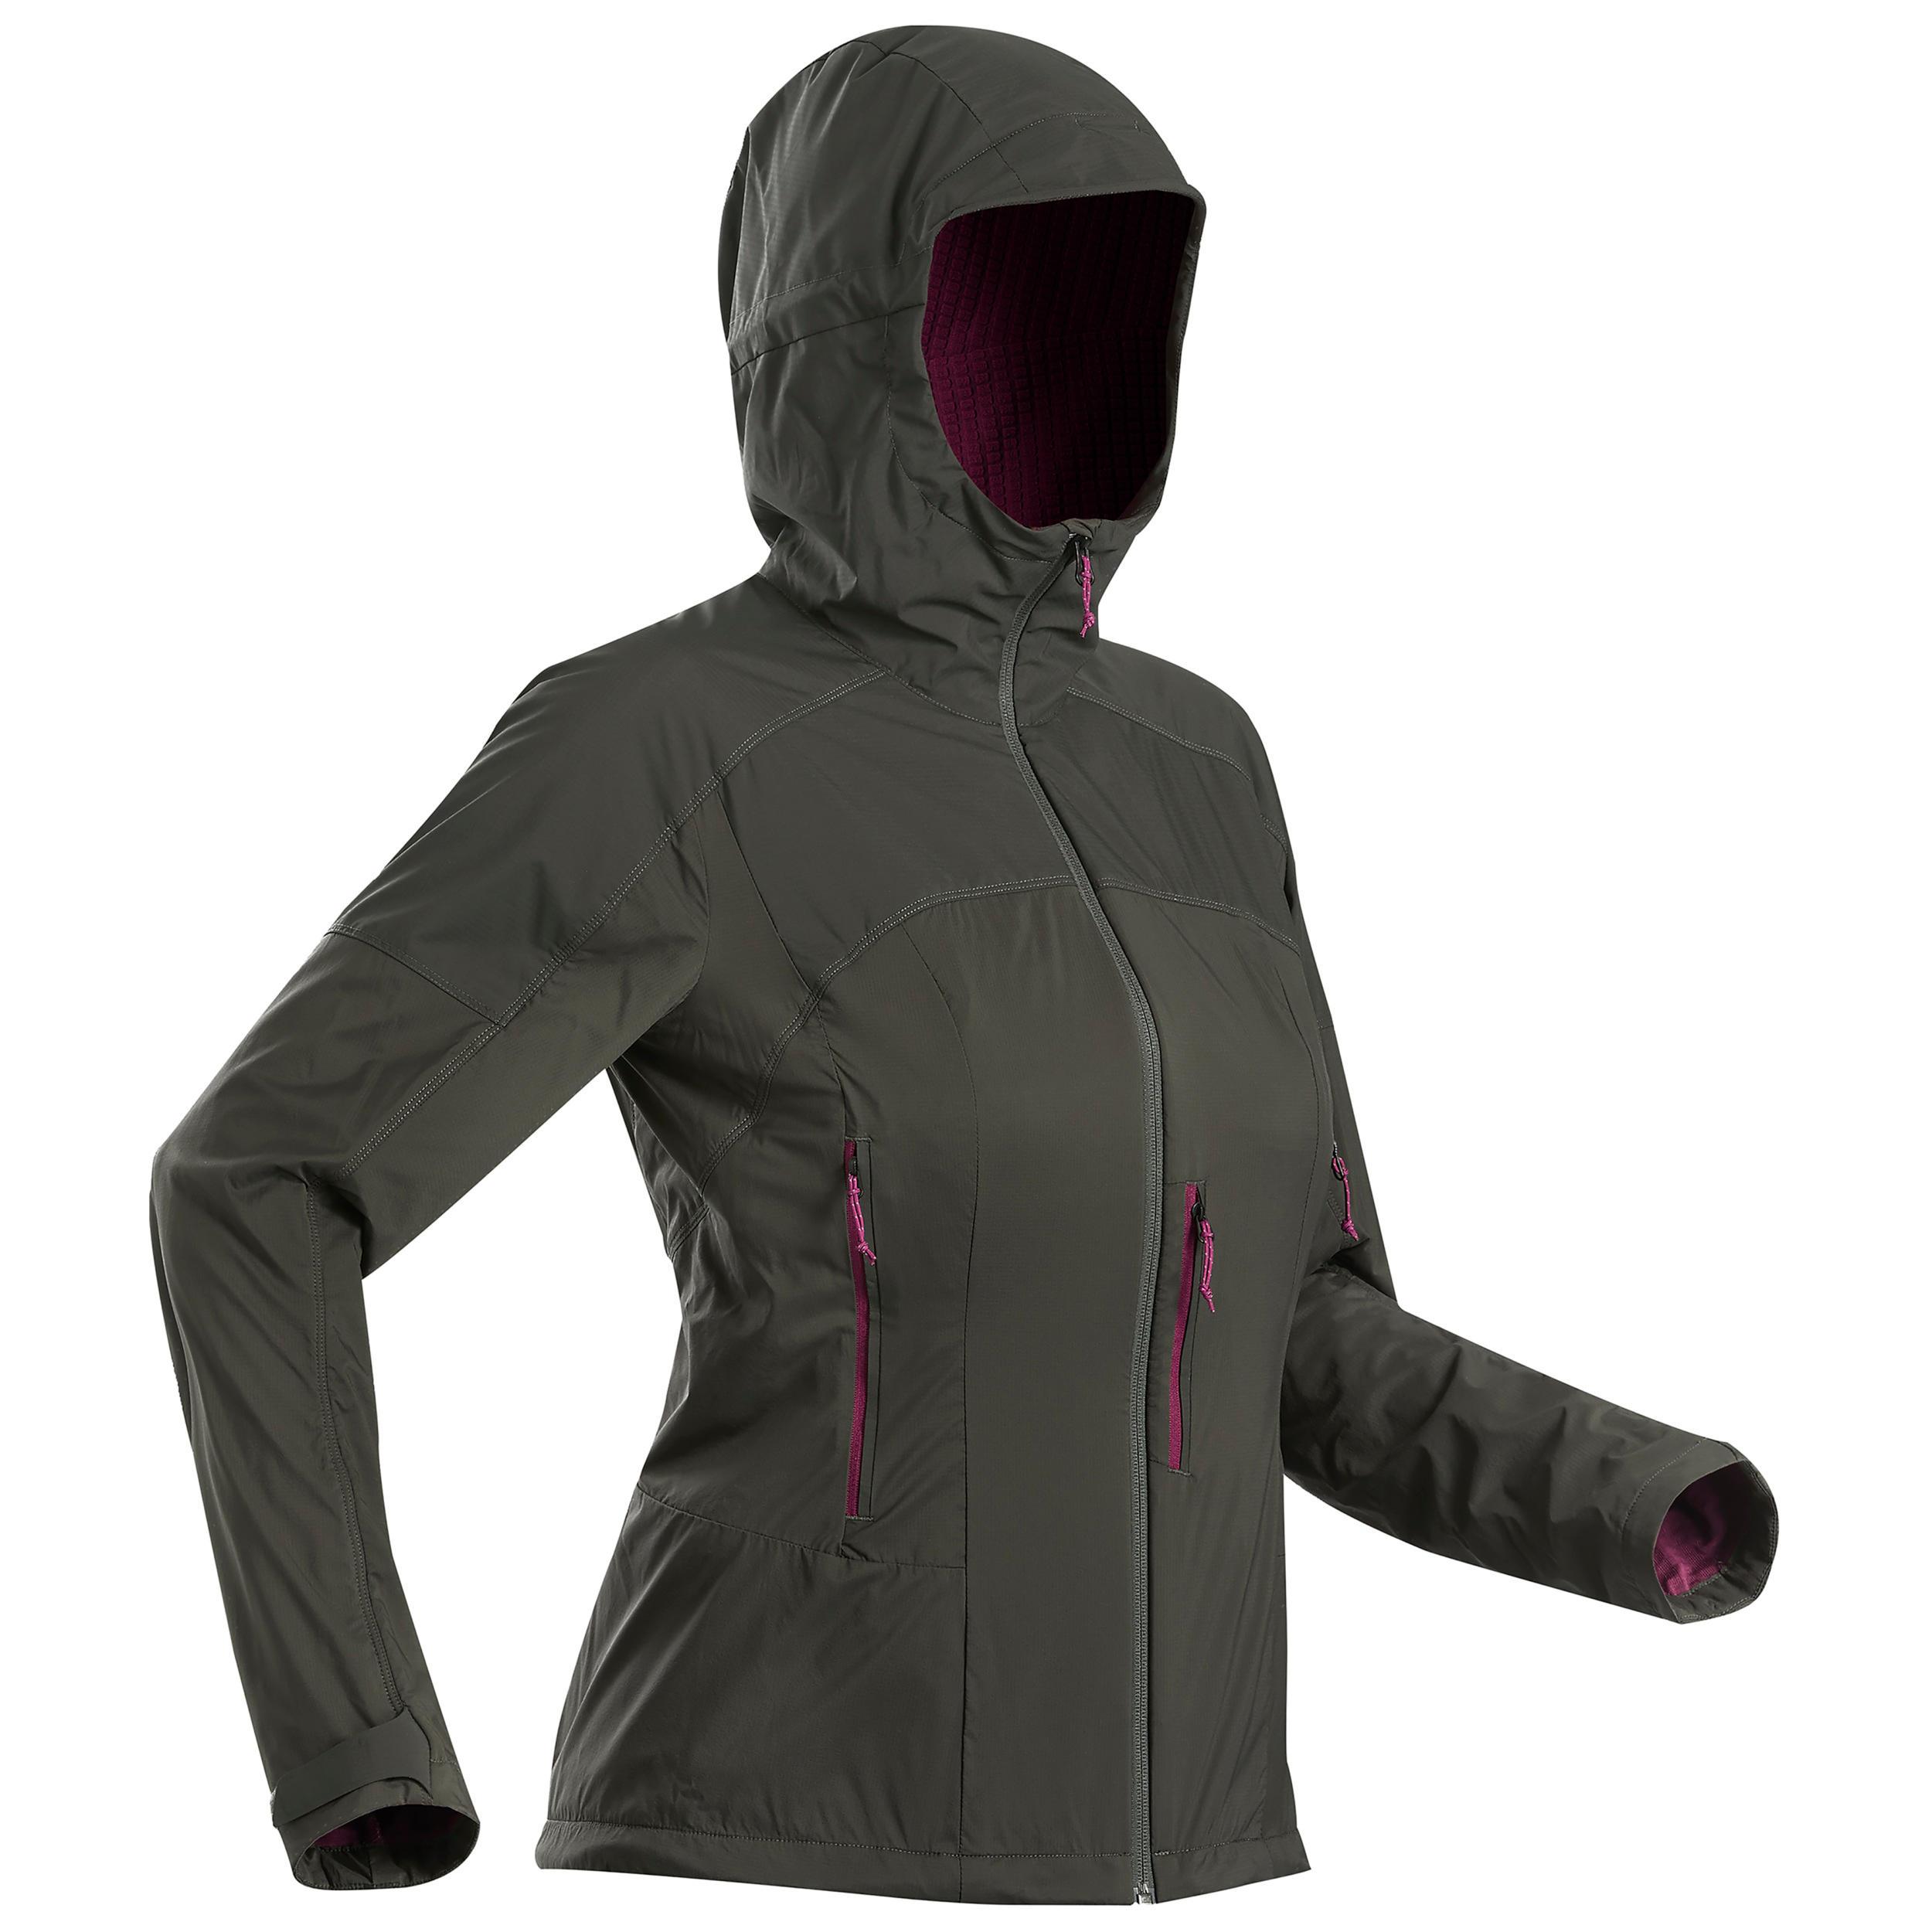 diseño exquisito comprar comprar baratas cortavientos mujer outdoor trekking waterproof envío gratis ...